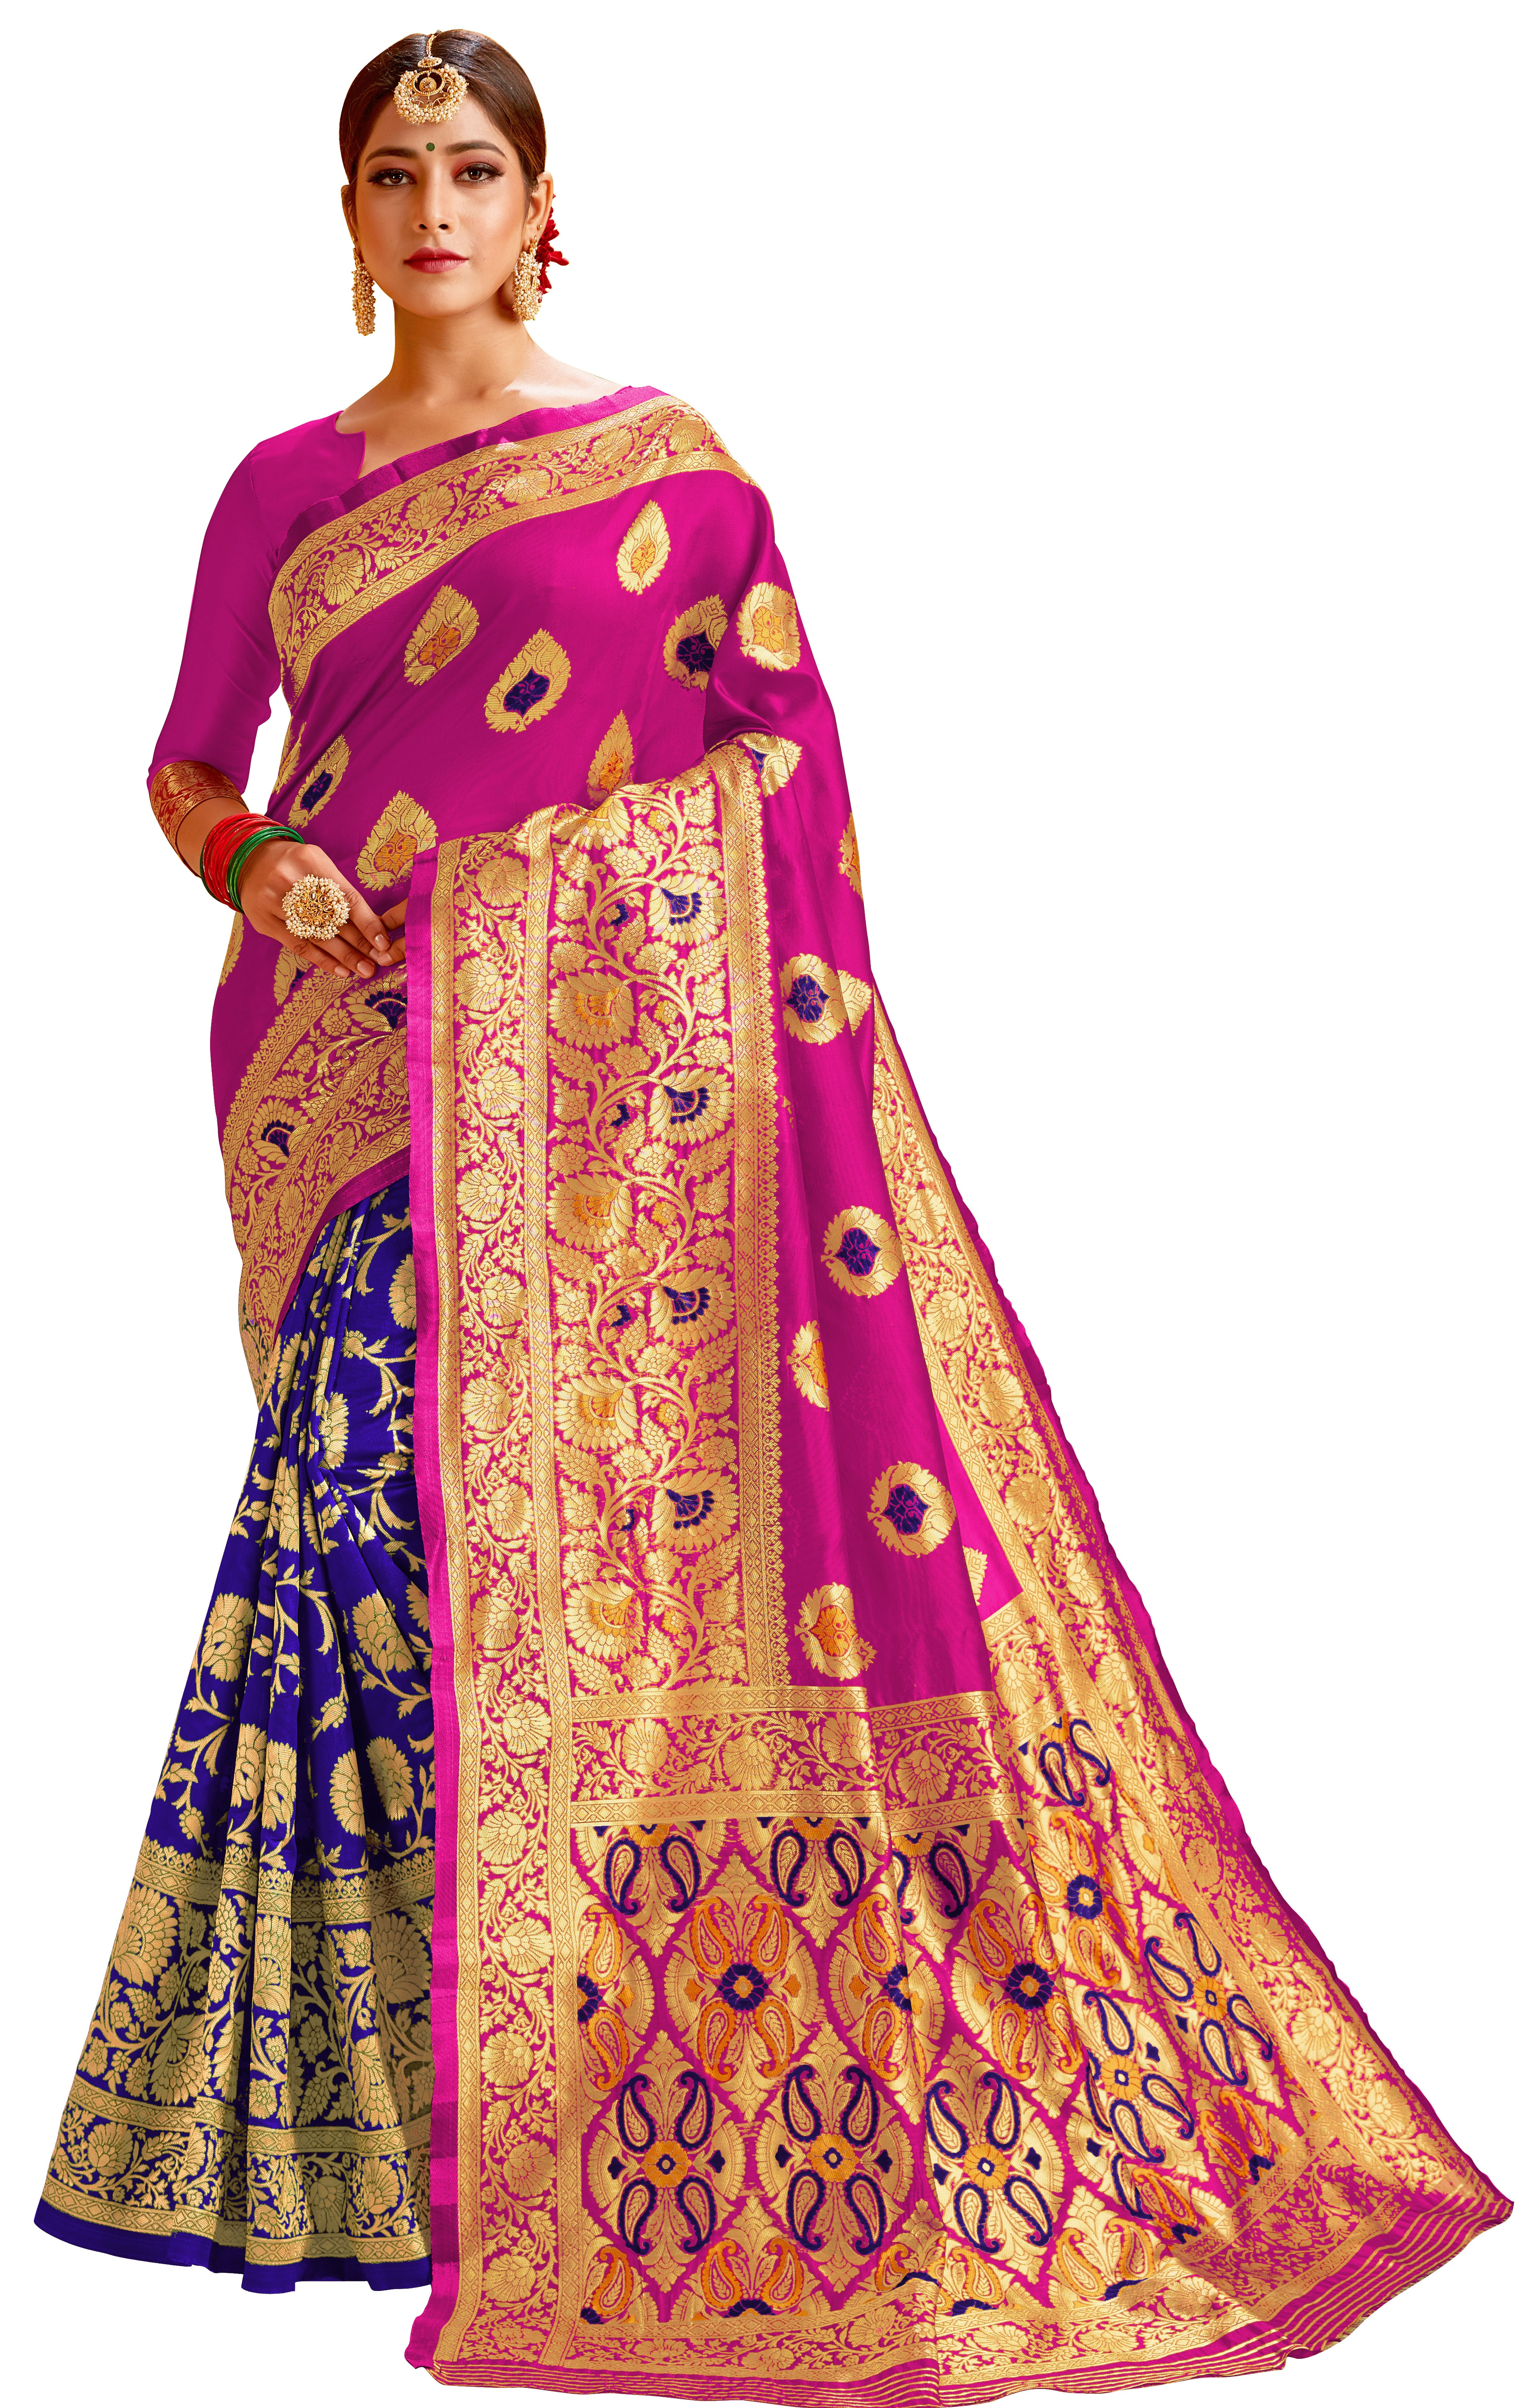 Glemora | Glemora Pink & Blue Lichi Cotton Chhaya Saree With Unstitched Blouse